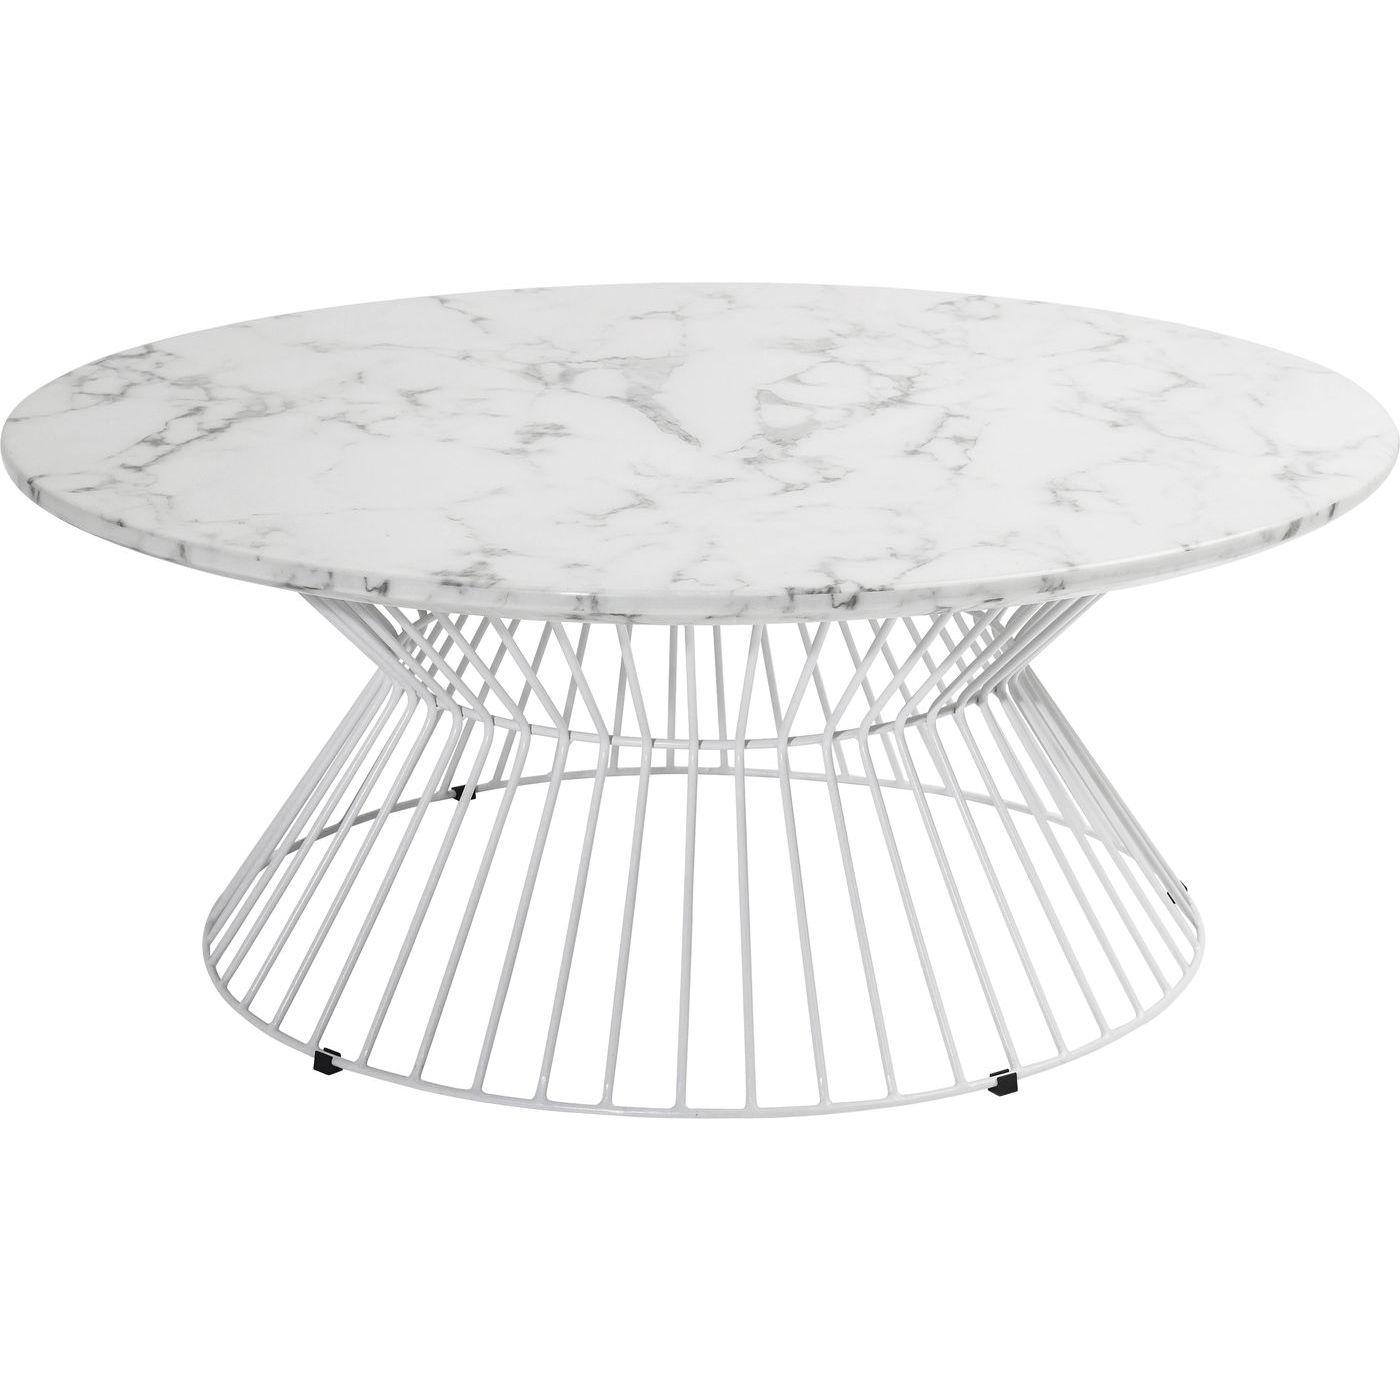 Image of   KARE DESIGN Cintura sofabord - hvidt marmorlook/hvidt stål, rundt (Ø90)